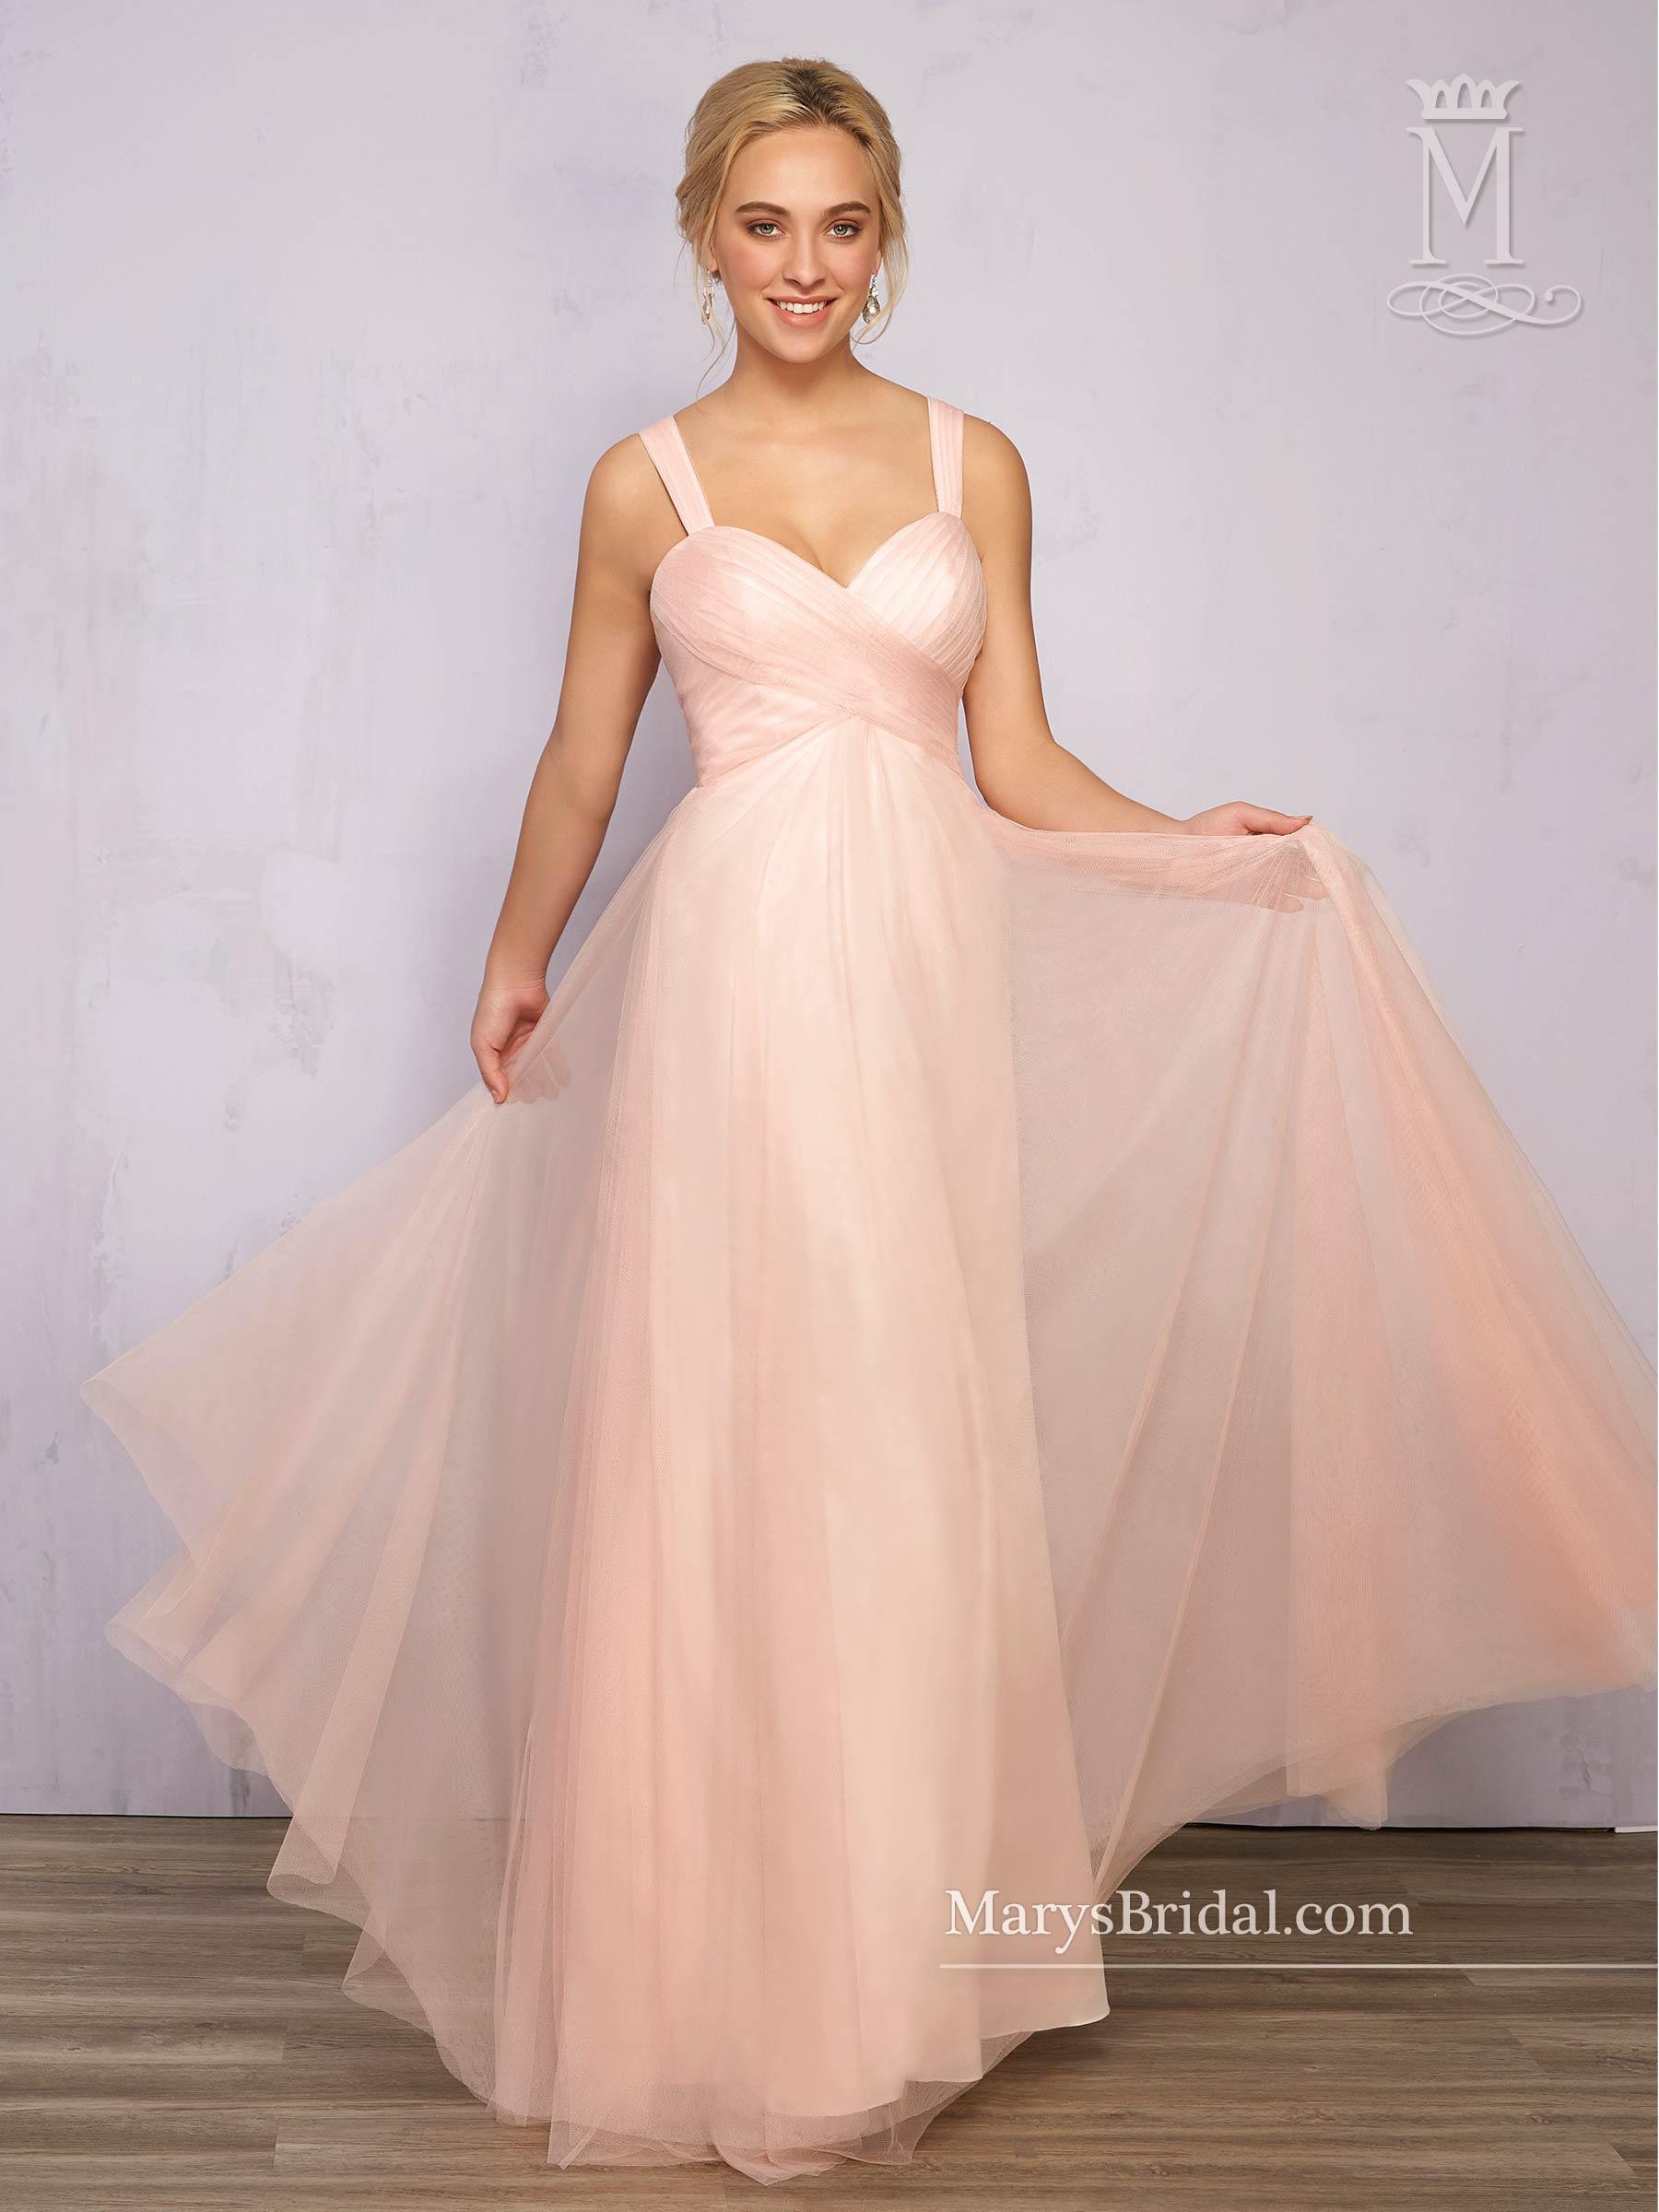 Amalia bridesmaid dresses style m1847 in shown in dusty rose and amalia bridesmaid dresses amalia style m1847 ombrellifo Gallery